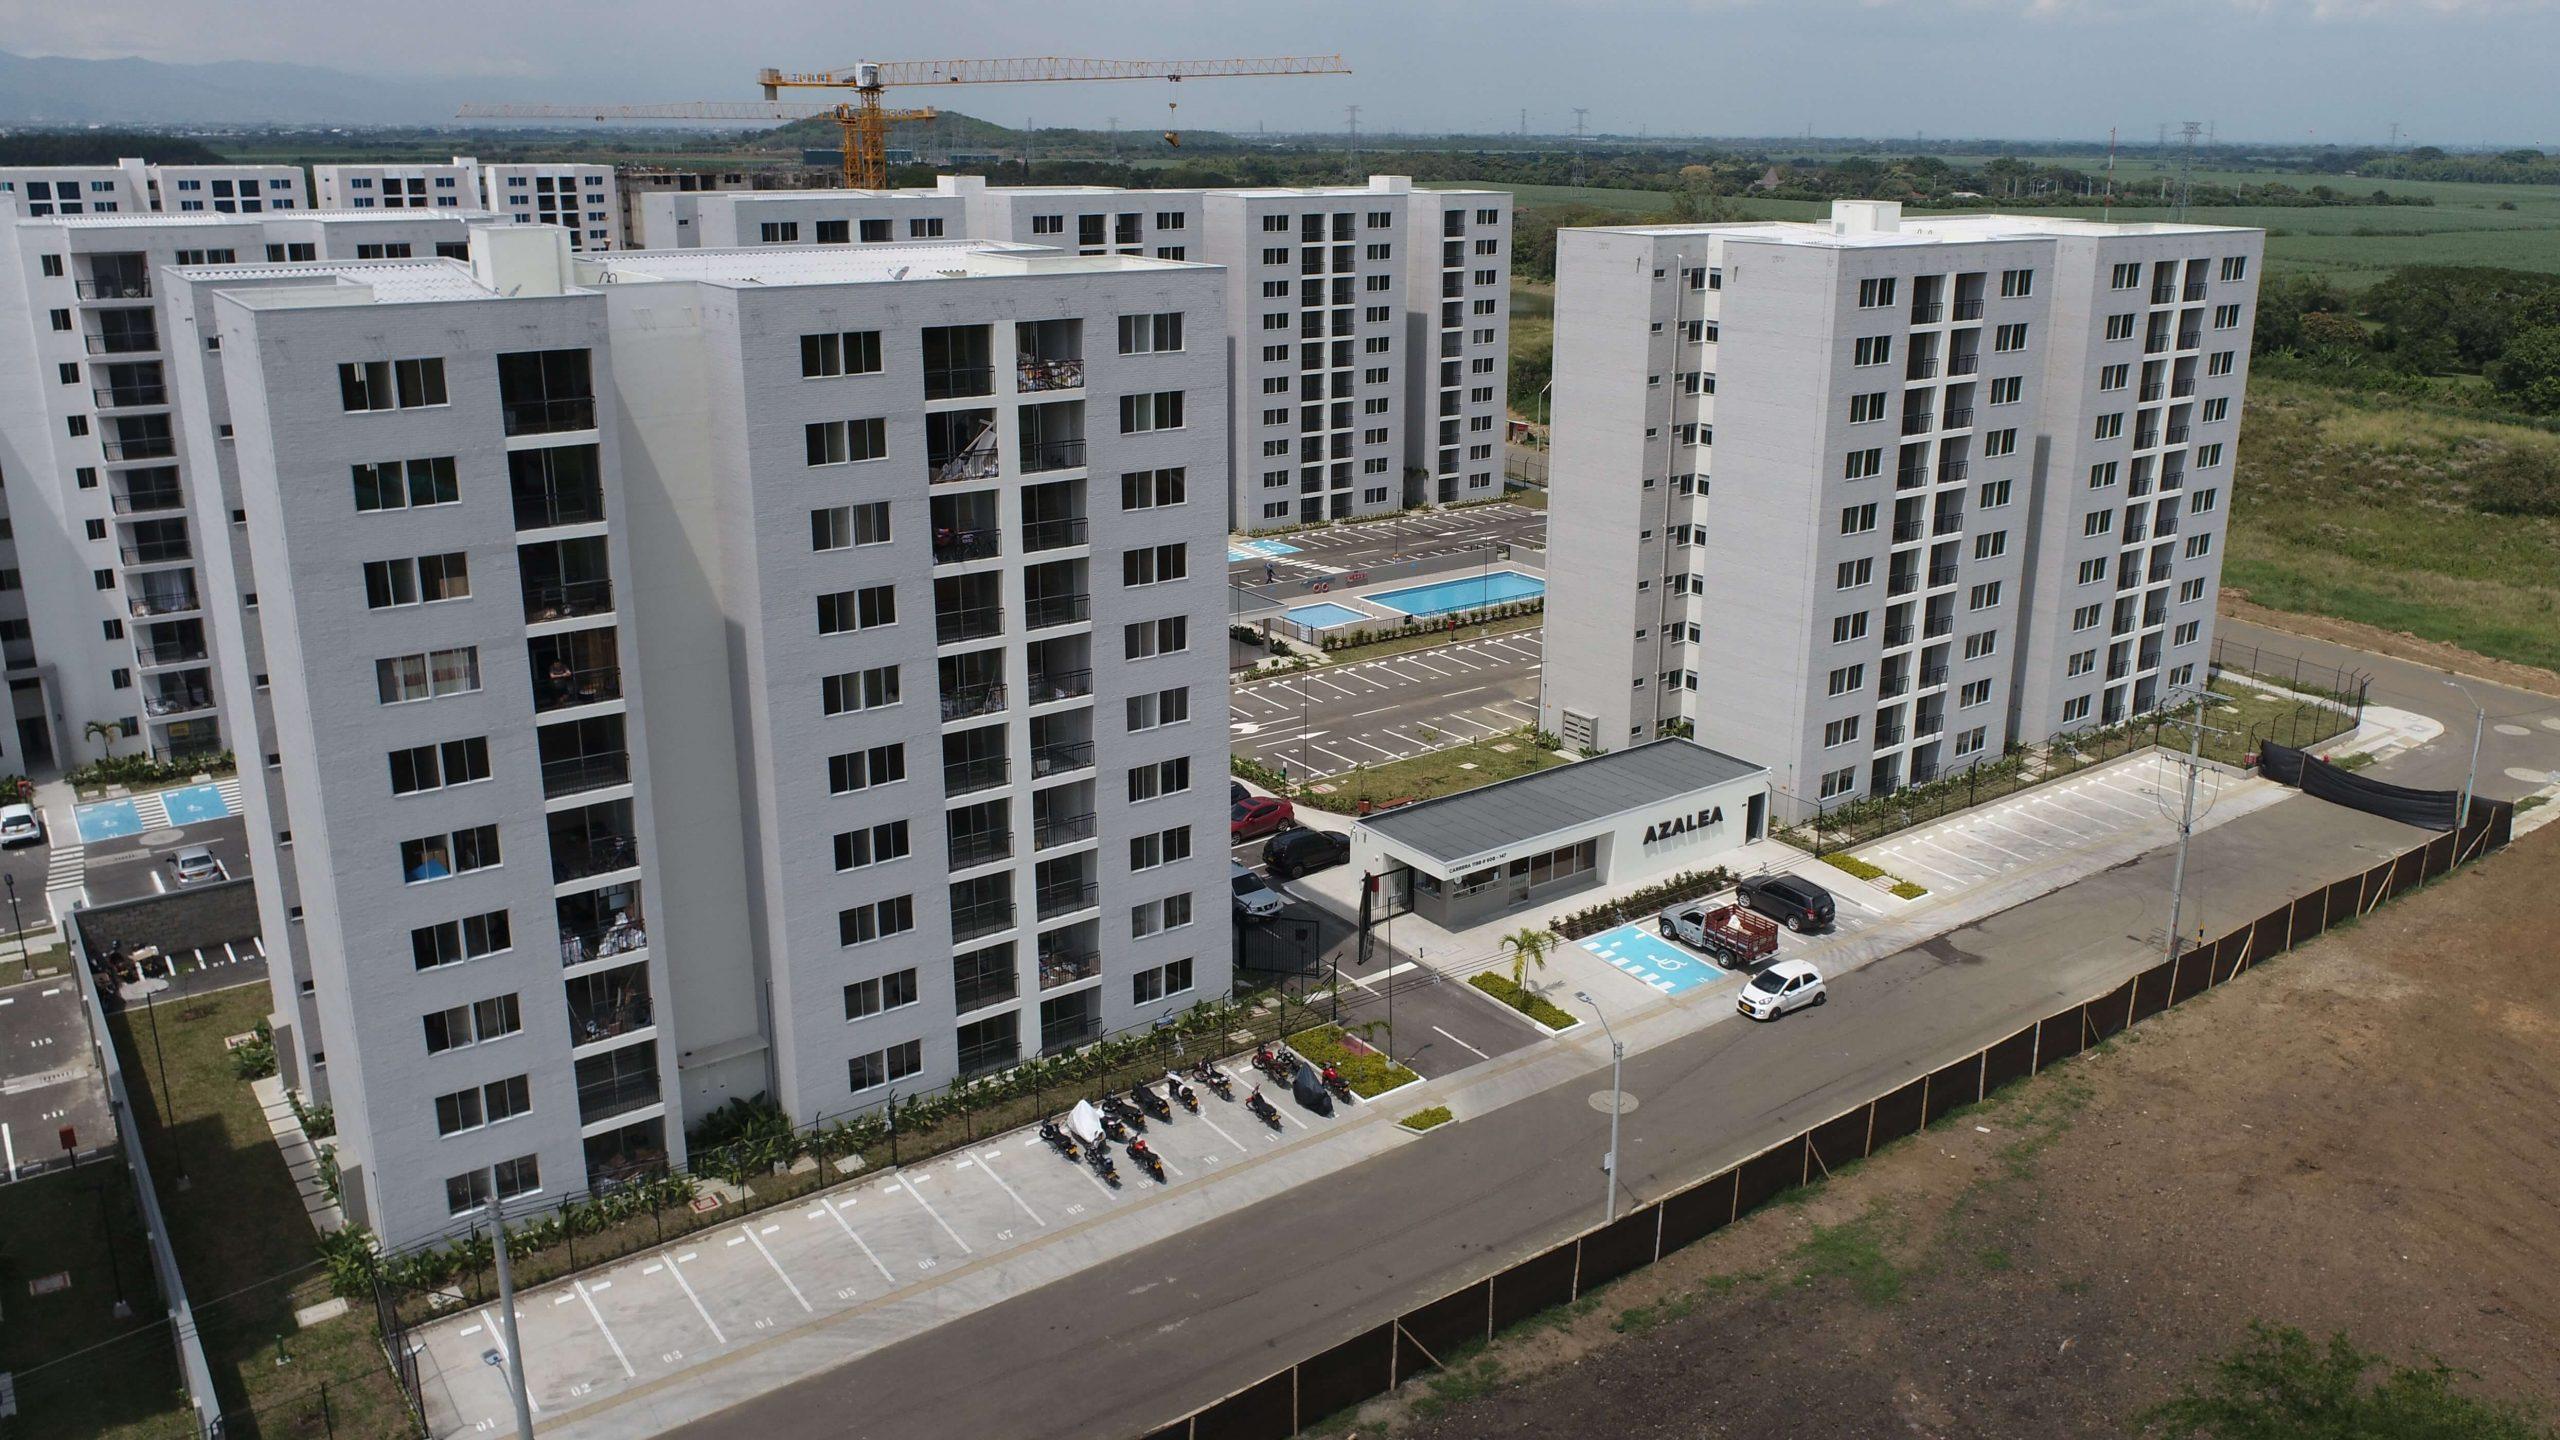 Azalea apartamentos en Conjunto residencial - Hacienda Kachipay